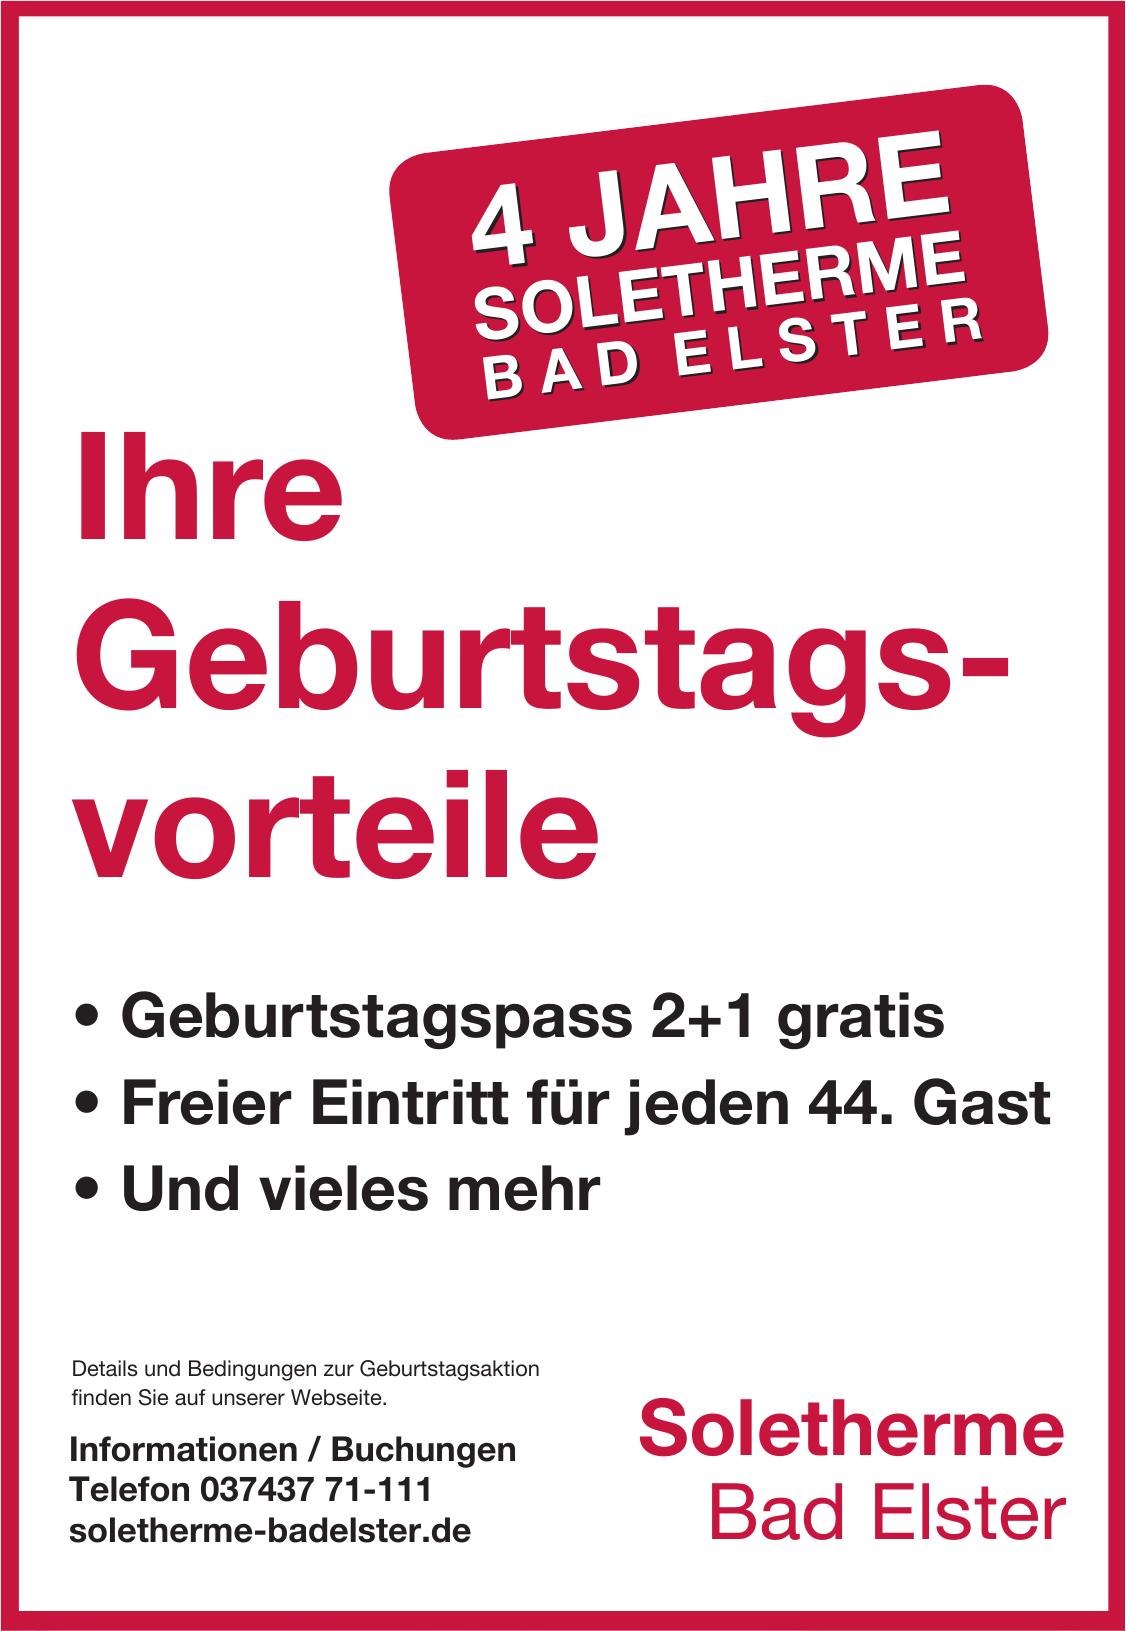 Soletherme Bad Elster